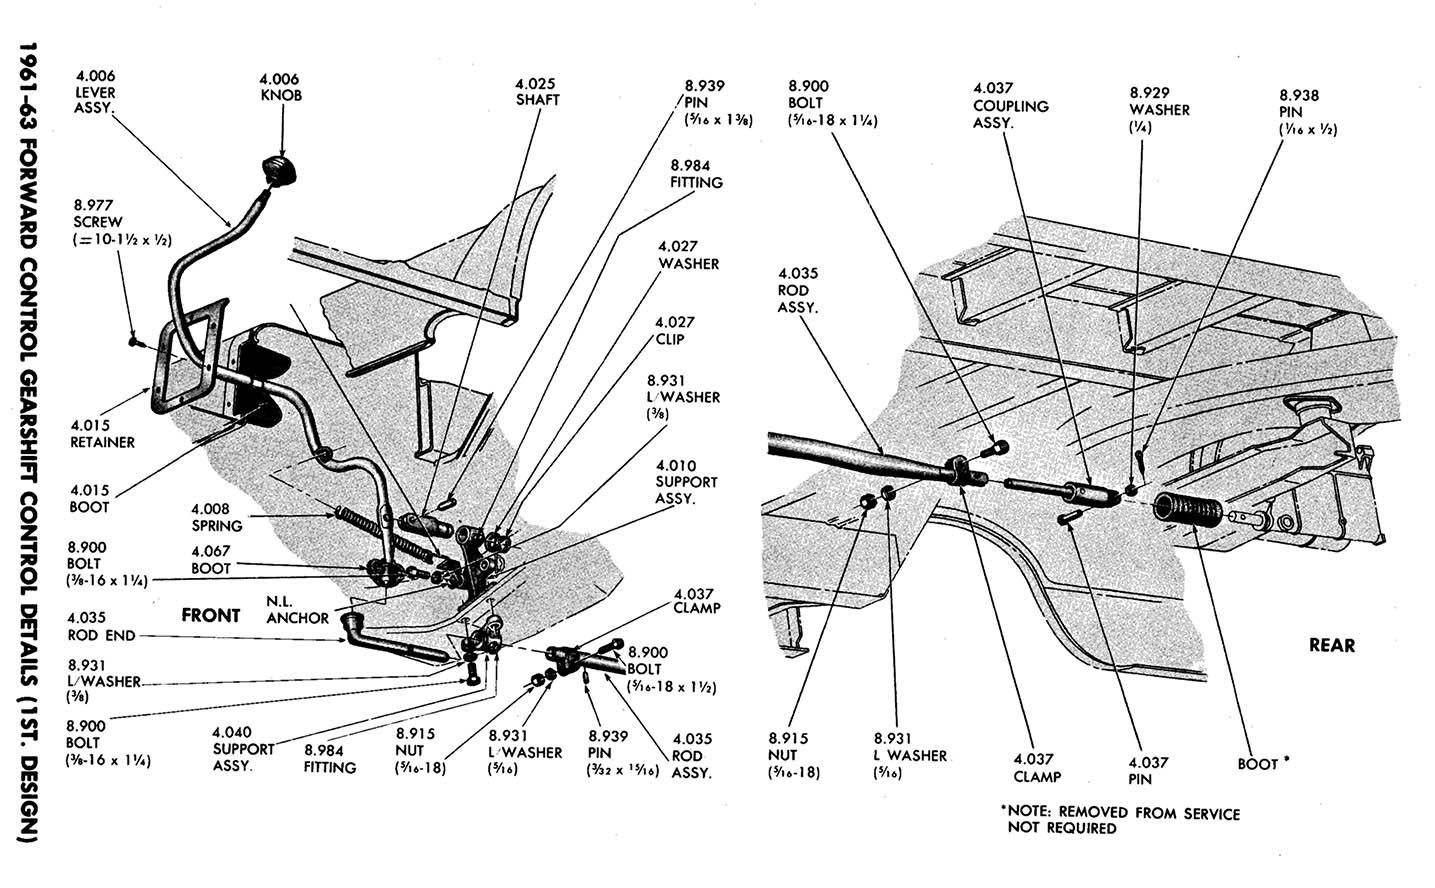 Corvanantics Manuals 1968 Corvair Wiring Diagram Generator Pg Oil Color